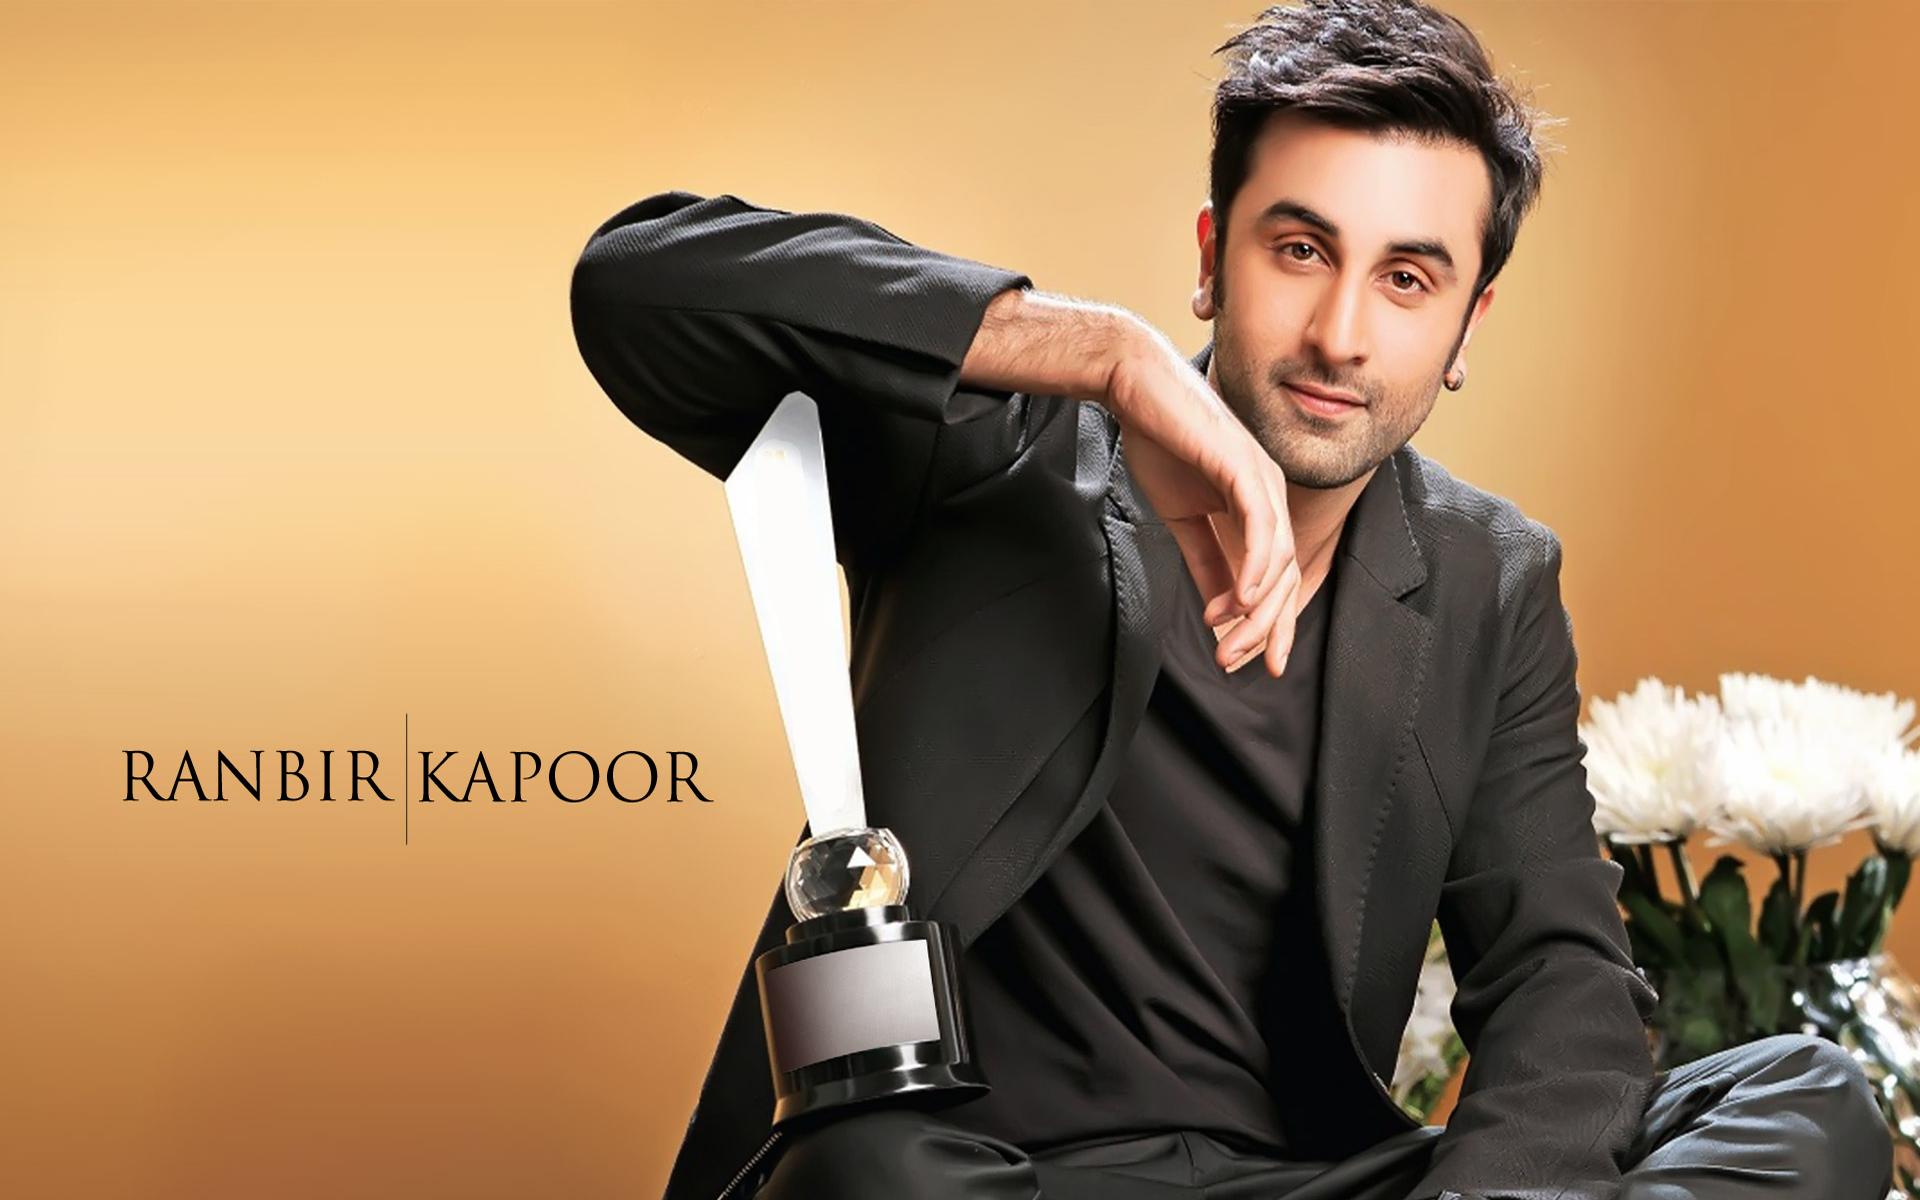 Dashing Ranbir Kapoor